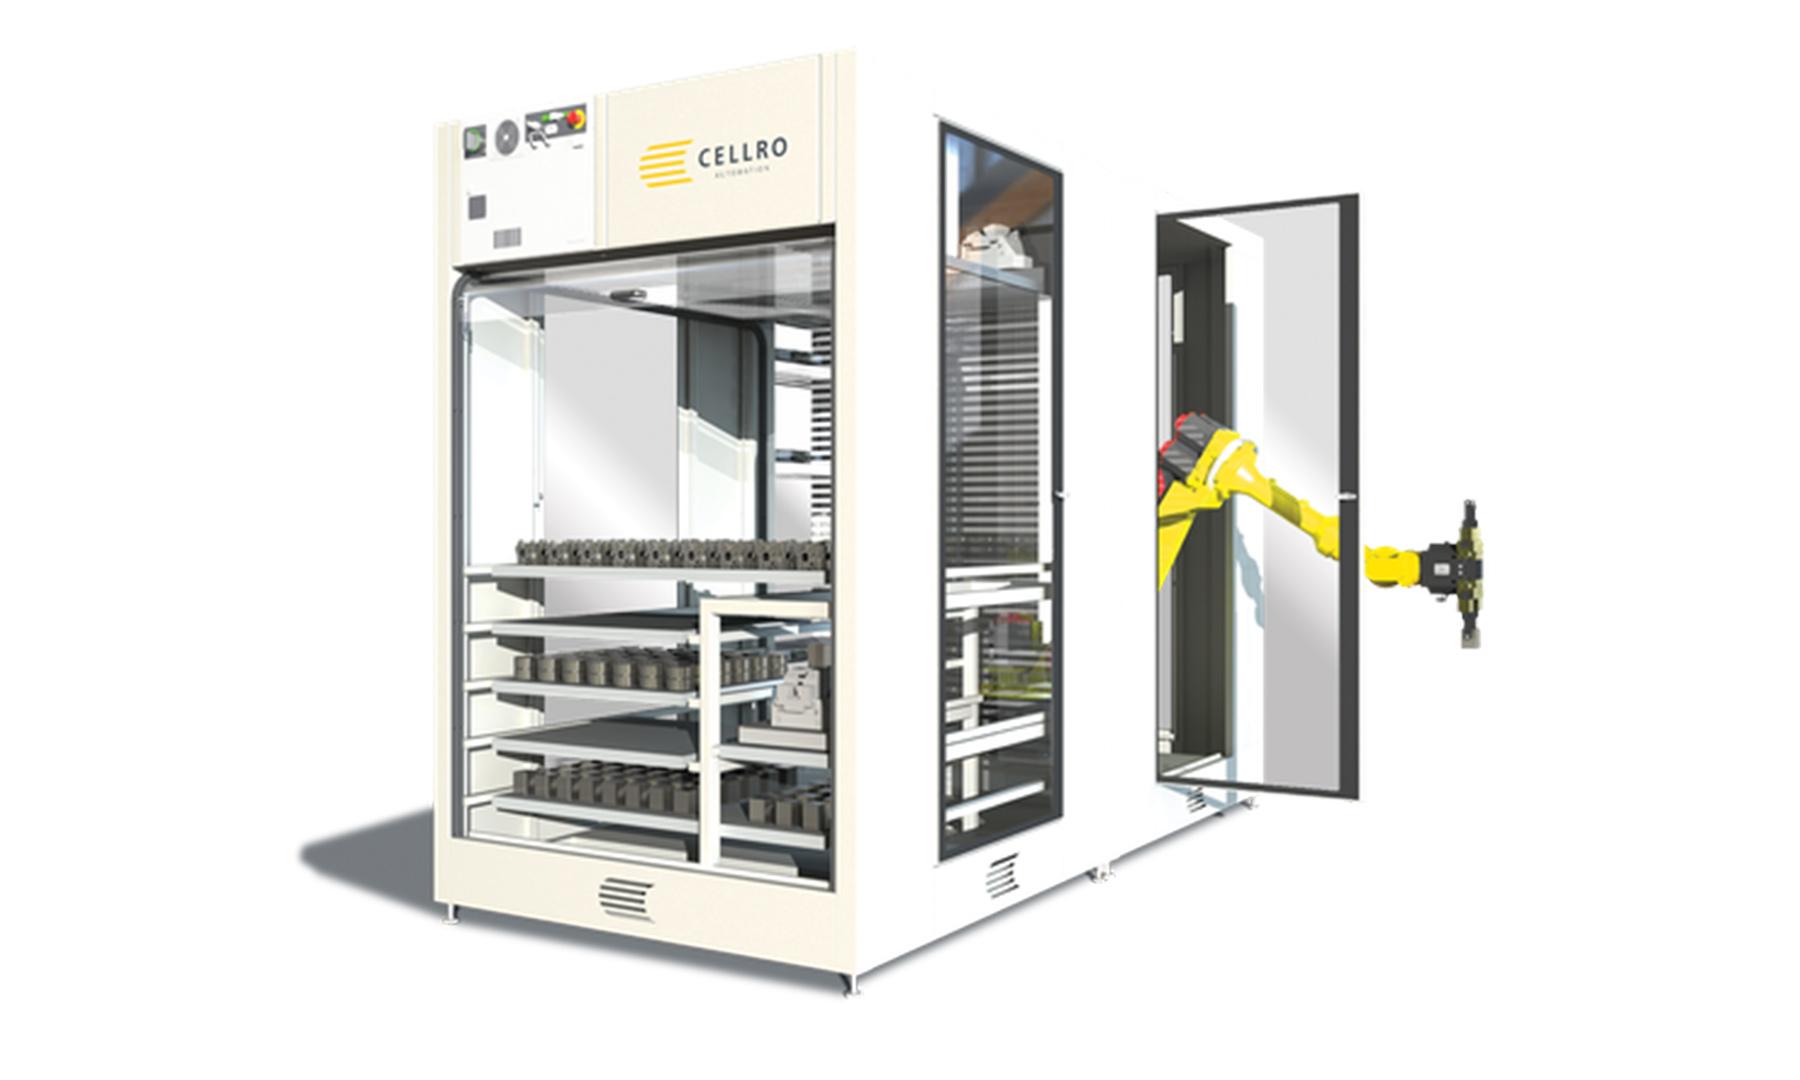 cellro-modulerate-beitrag-1800x1080